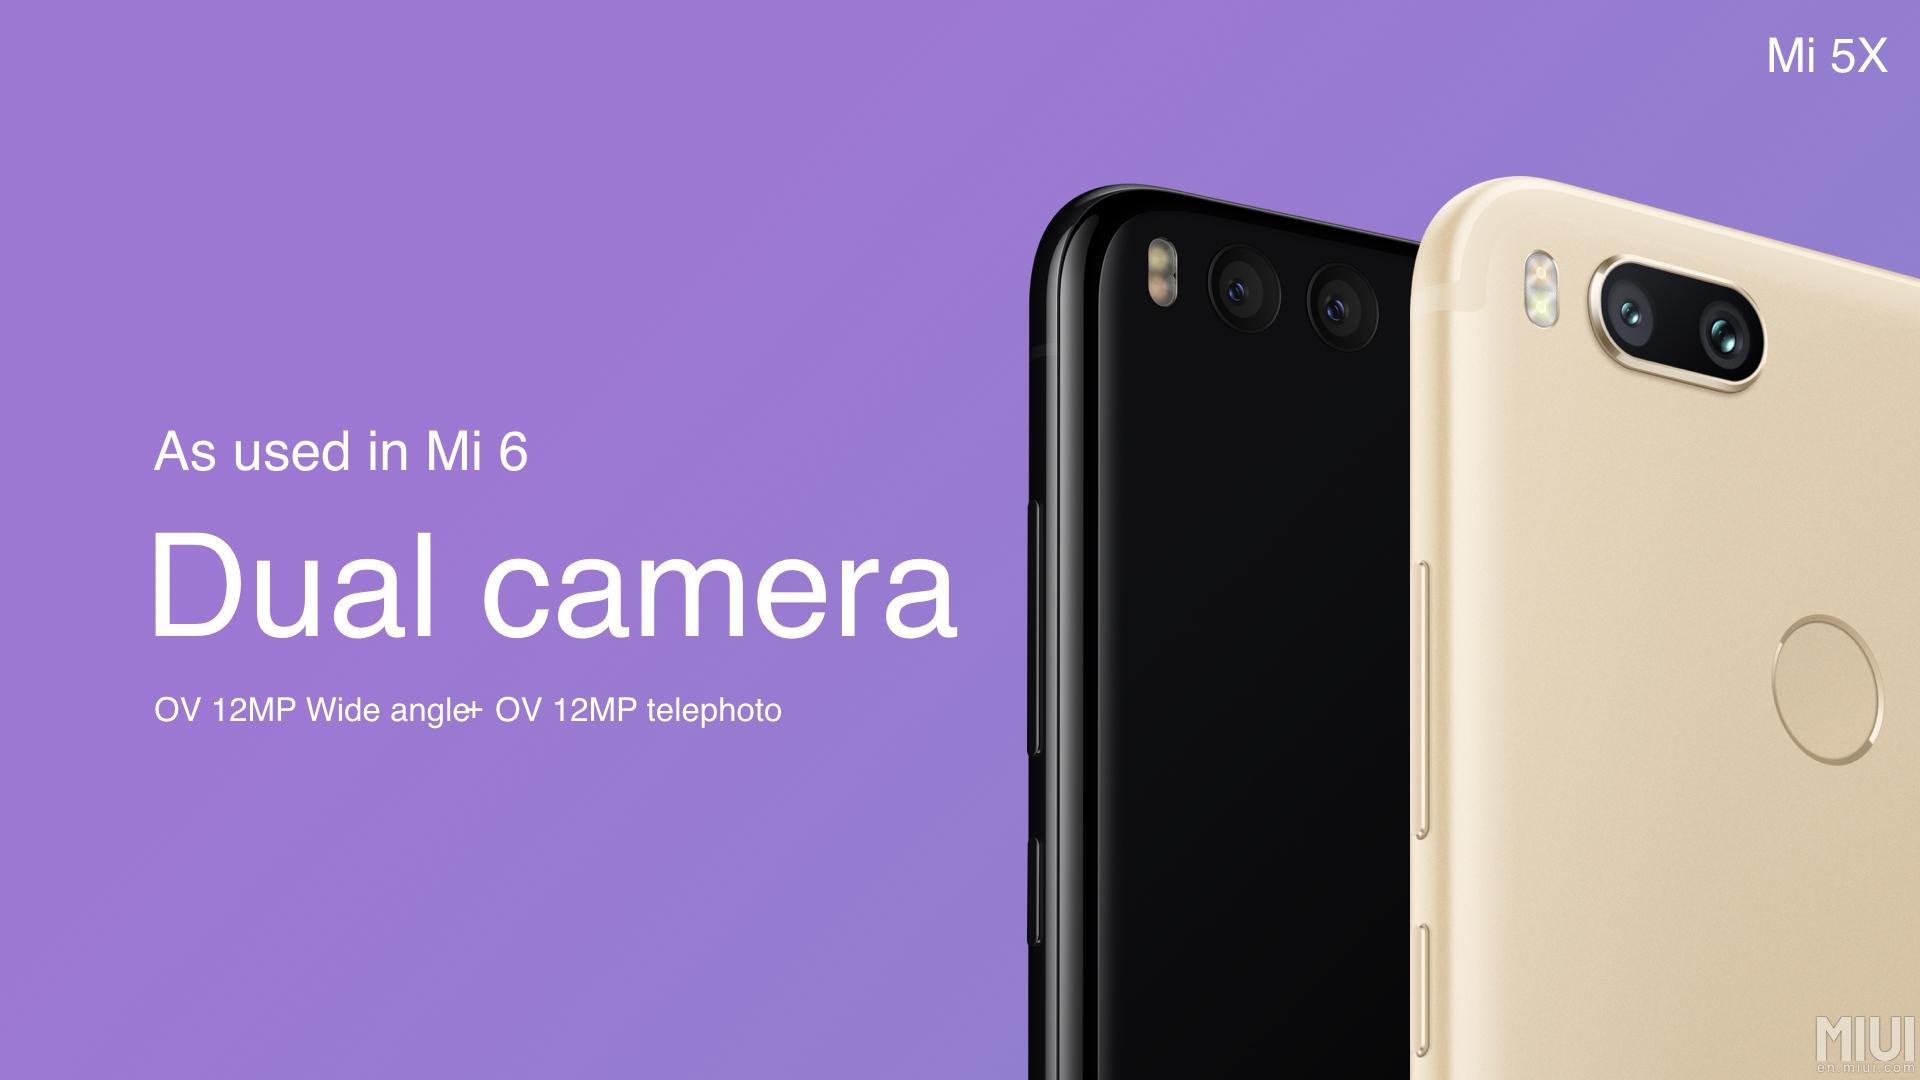 Oficiálně: Xiaomi Mi 5X s dvojnásobným optickým zoomem